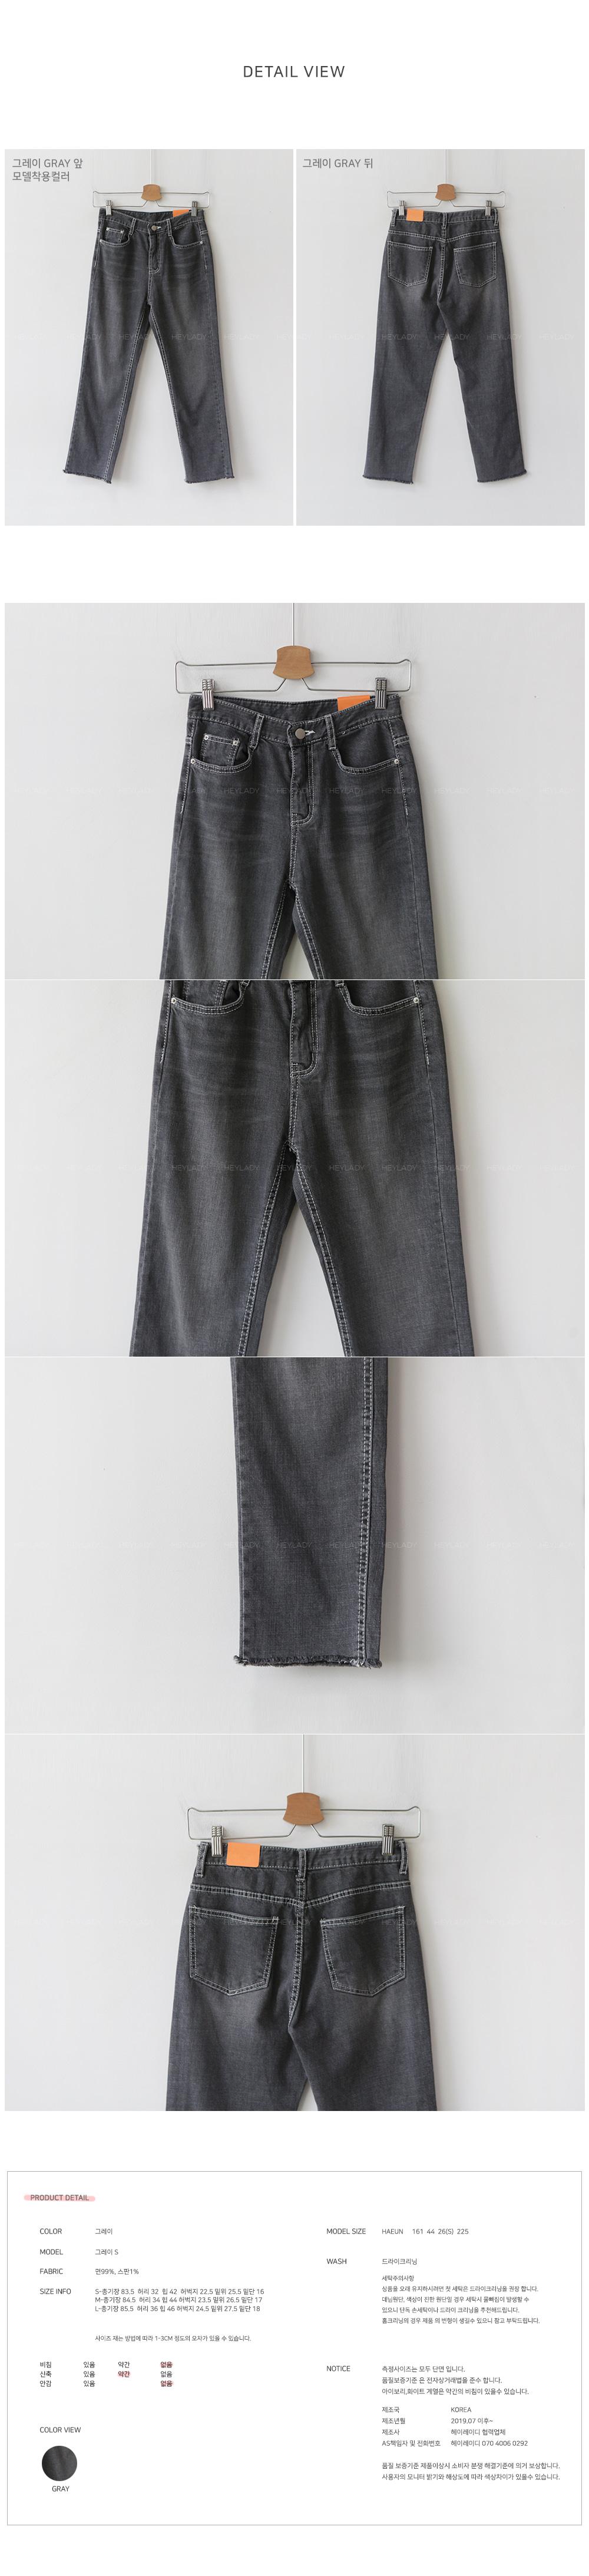 Jake gray denim pants